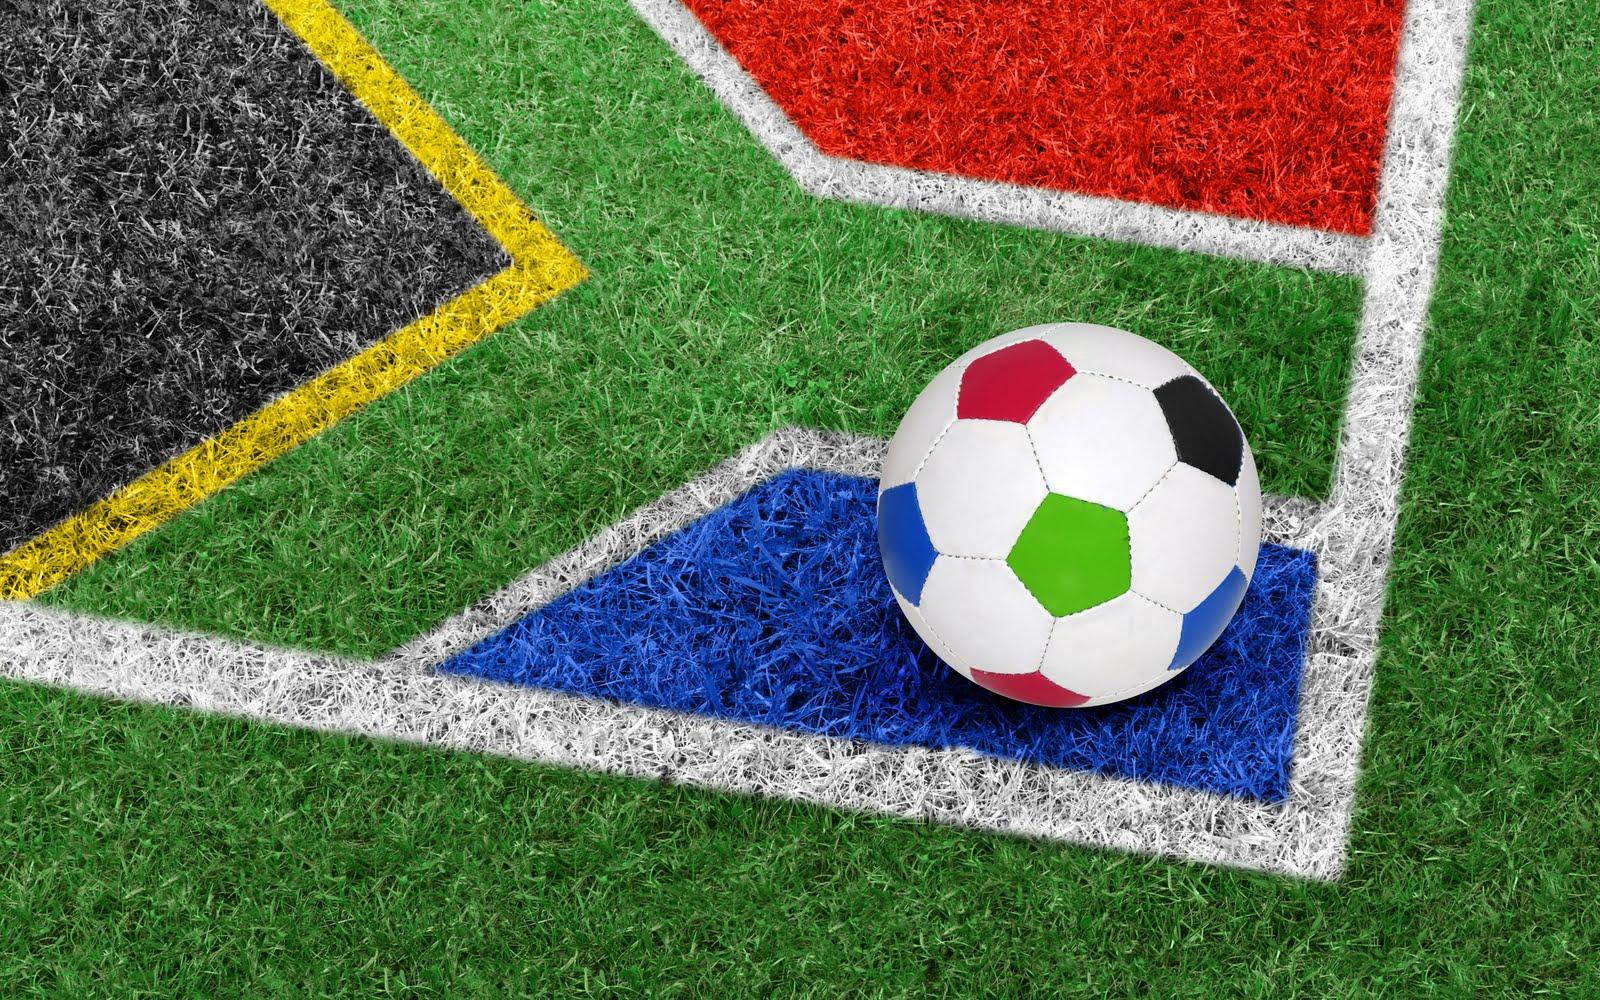 http://3.bp.blogspot.com/_NOdEQKztDvs/TPOFlTAcx8I/AAAAAAAAF5E/NDydEuXEeZk/s1600/football%2Bblogambar.blogspot.com%2B%252820%2529.jpg